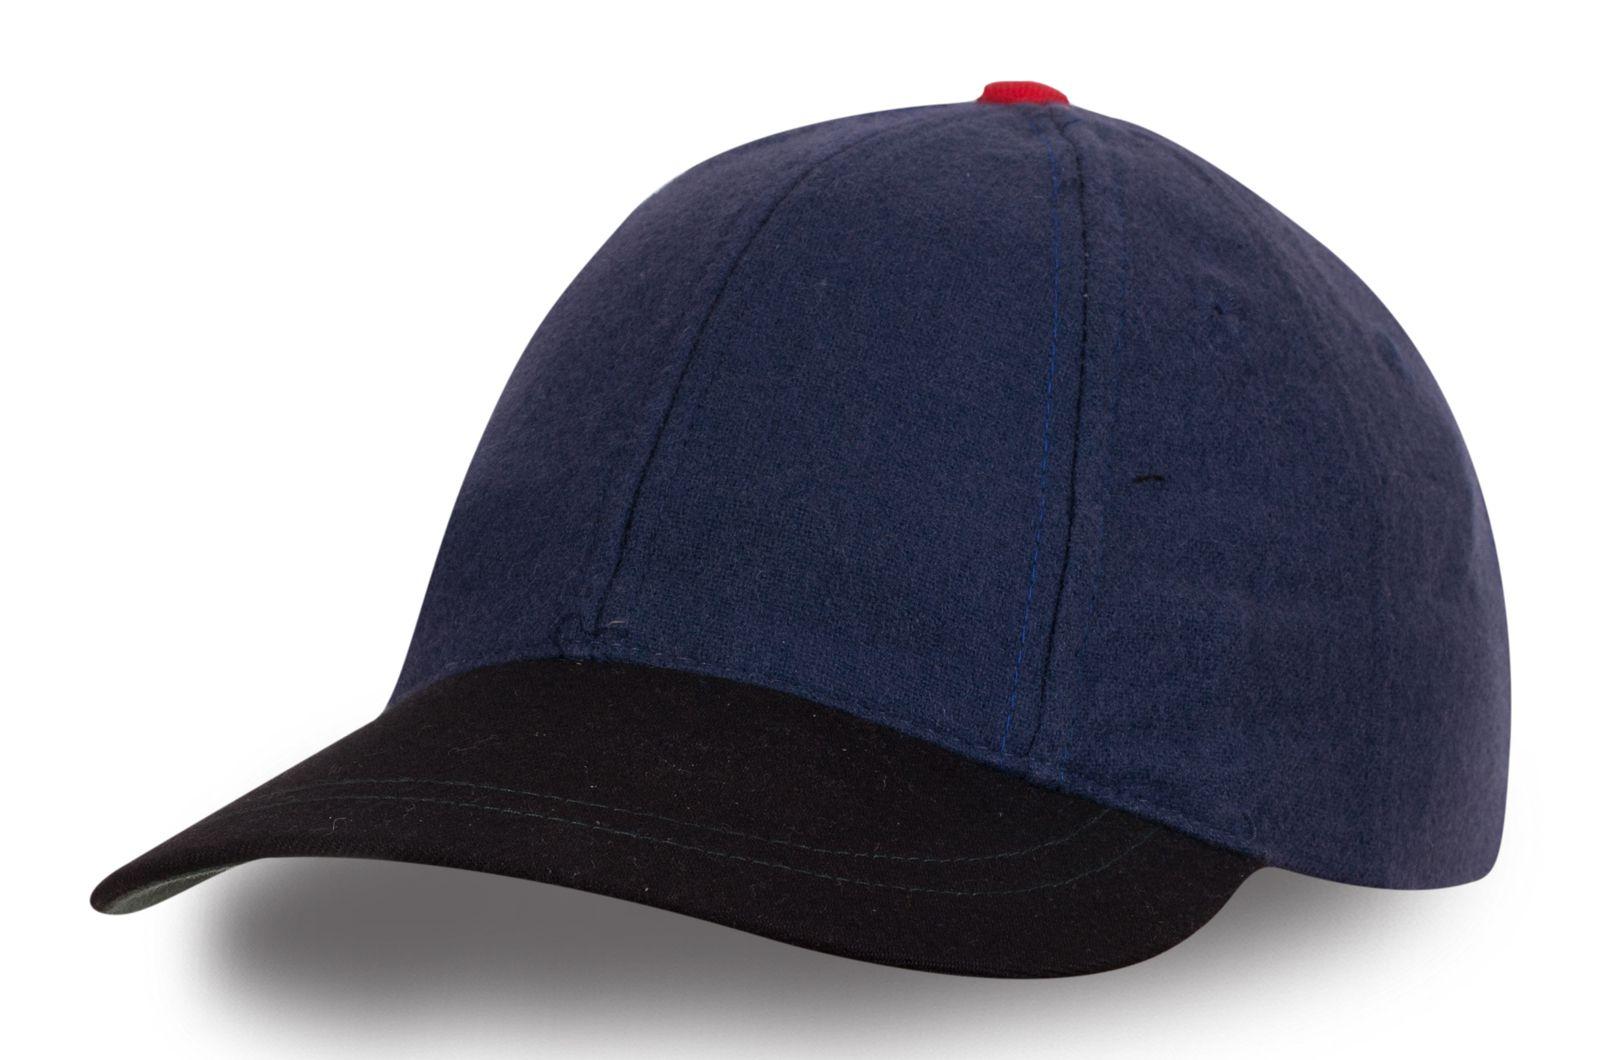 Бейсболка - купить в интернет-магазине Военпро